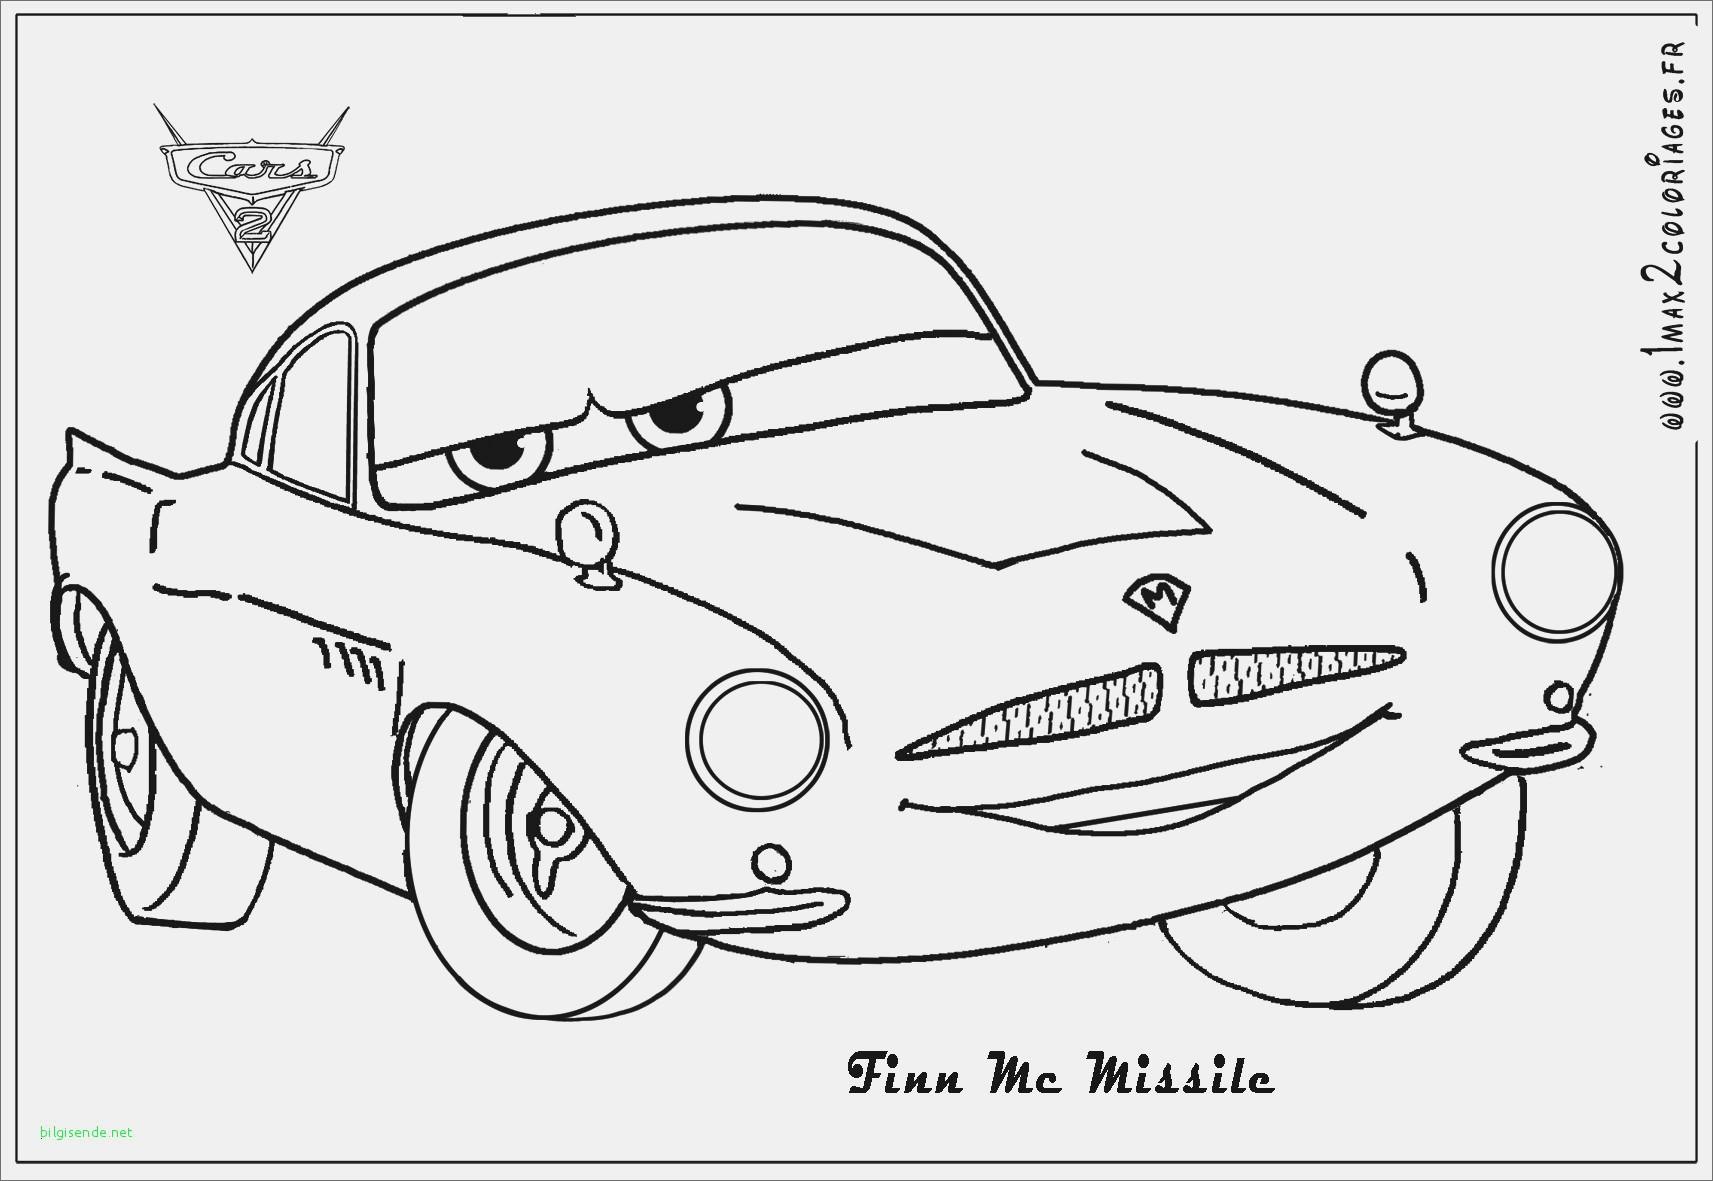 Micky Maus Malvorlagen Frisch Lkw Malvorlagen Kostenlos Verschiedene Bilder Färben 37 Ausmalbilder Sammlung